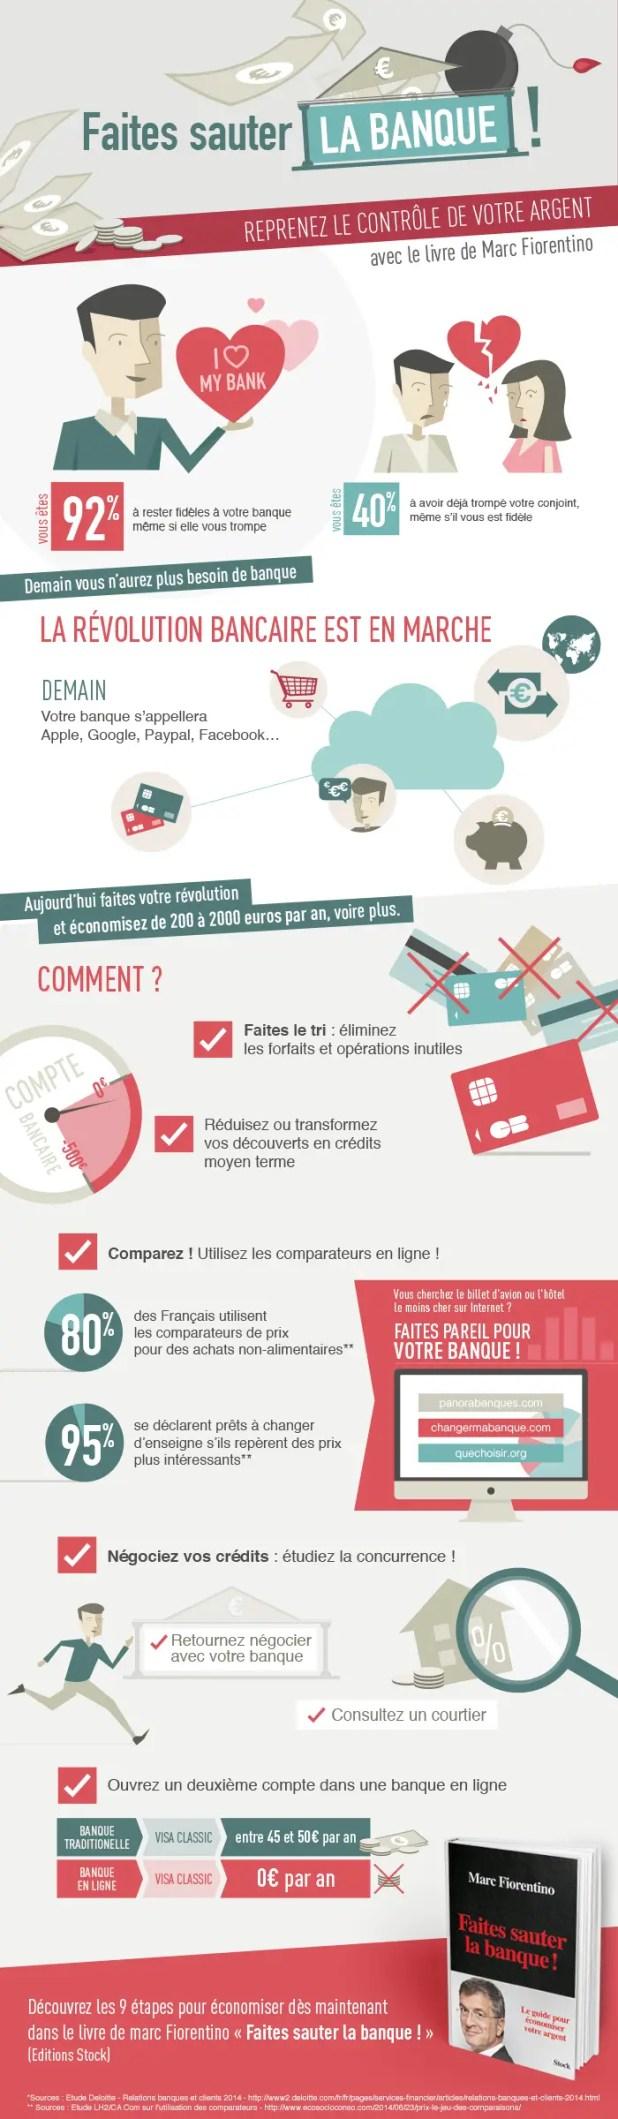 infographie-Faites sauter la banque